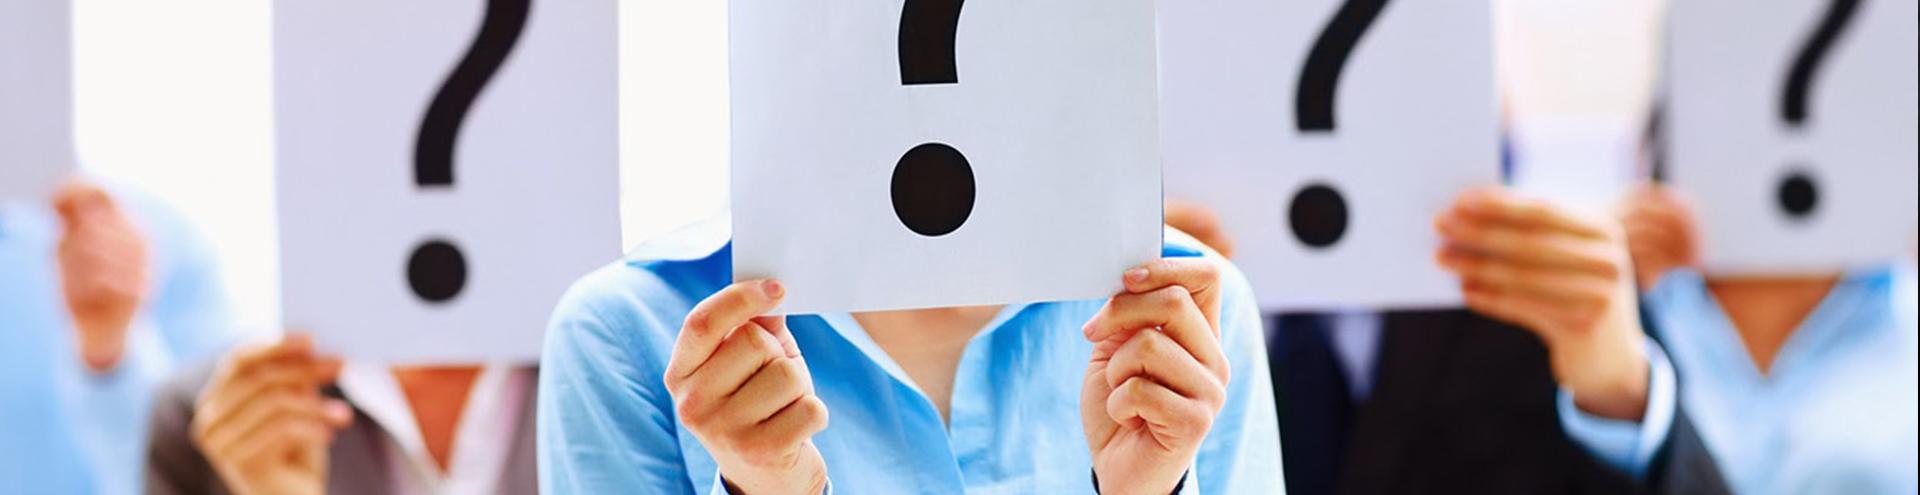 Задать вопрос юристу онлайн в Самаре